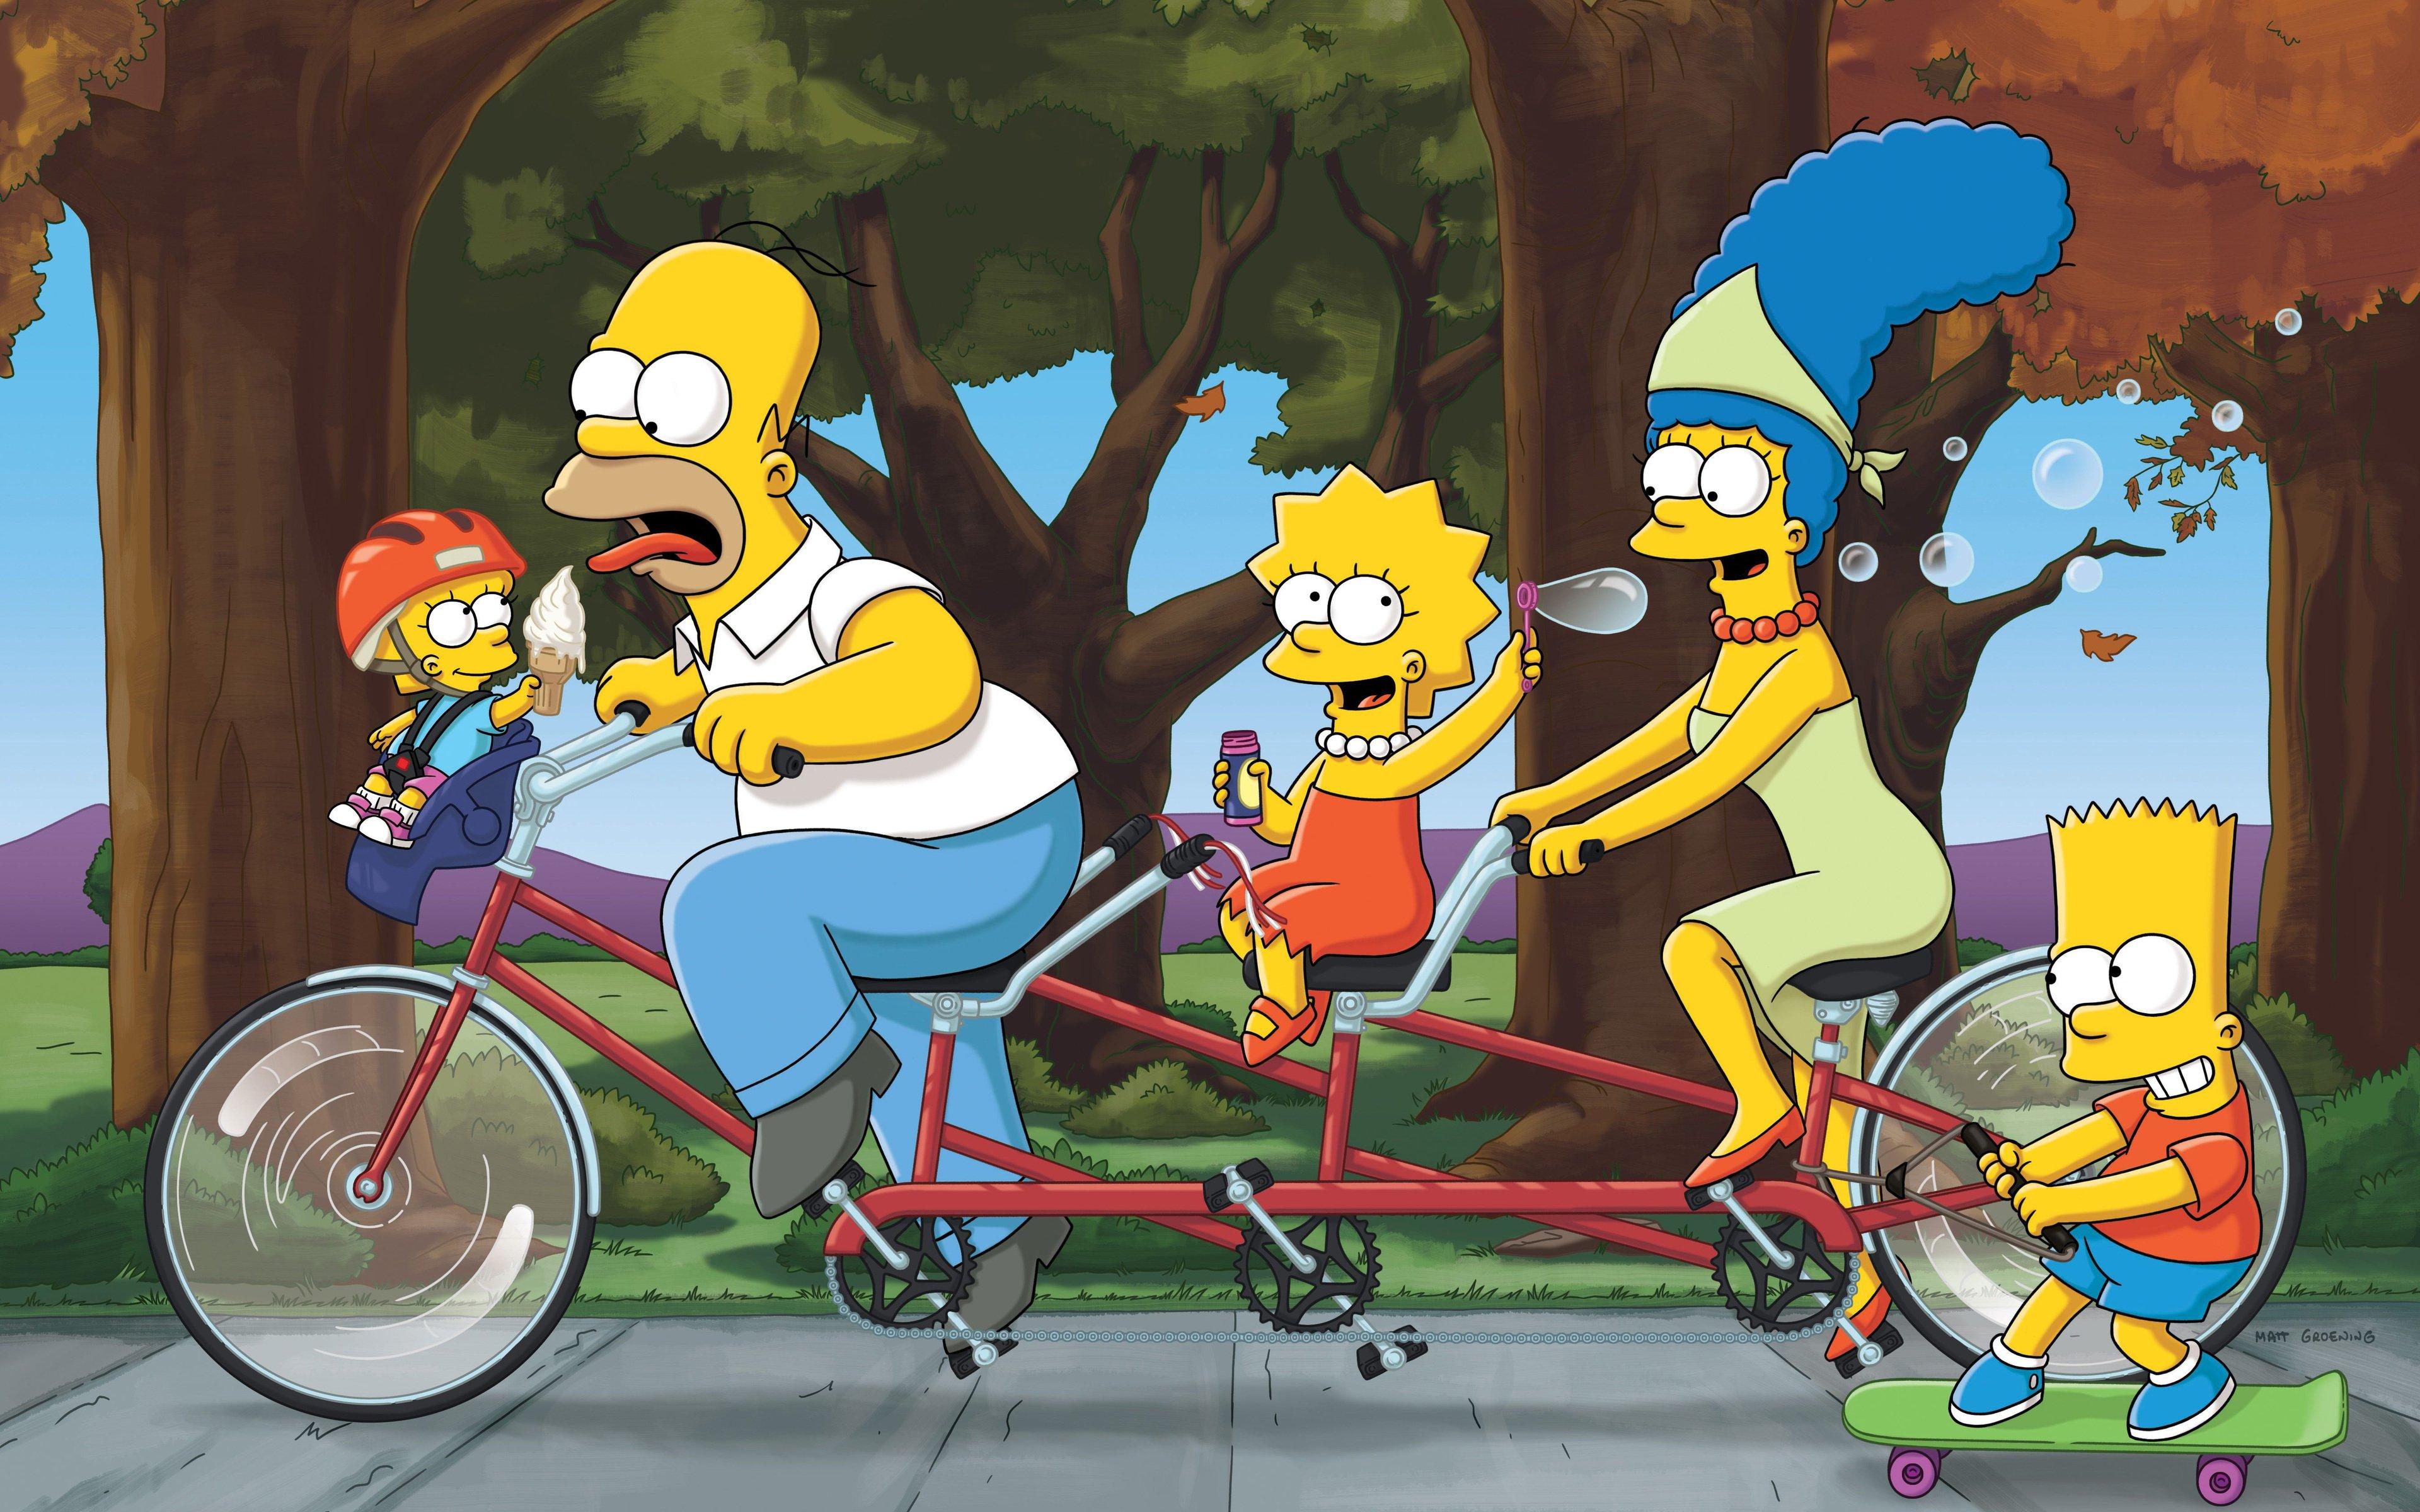 Fondos de pantalla Los Simpsons en bicicleta